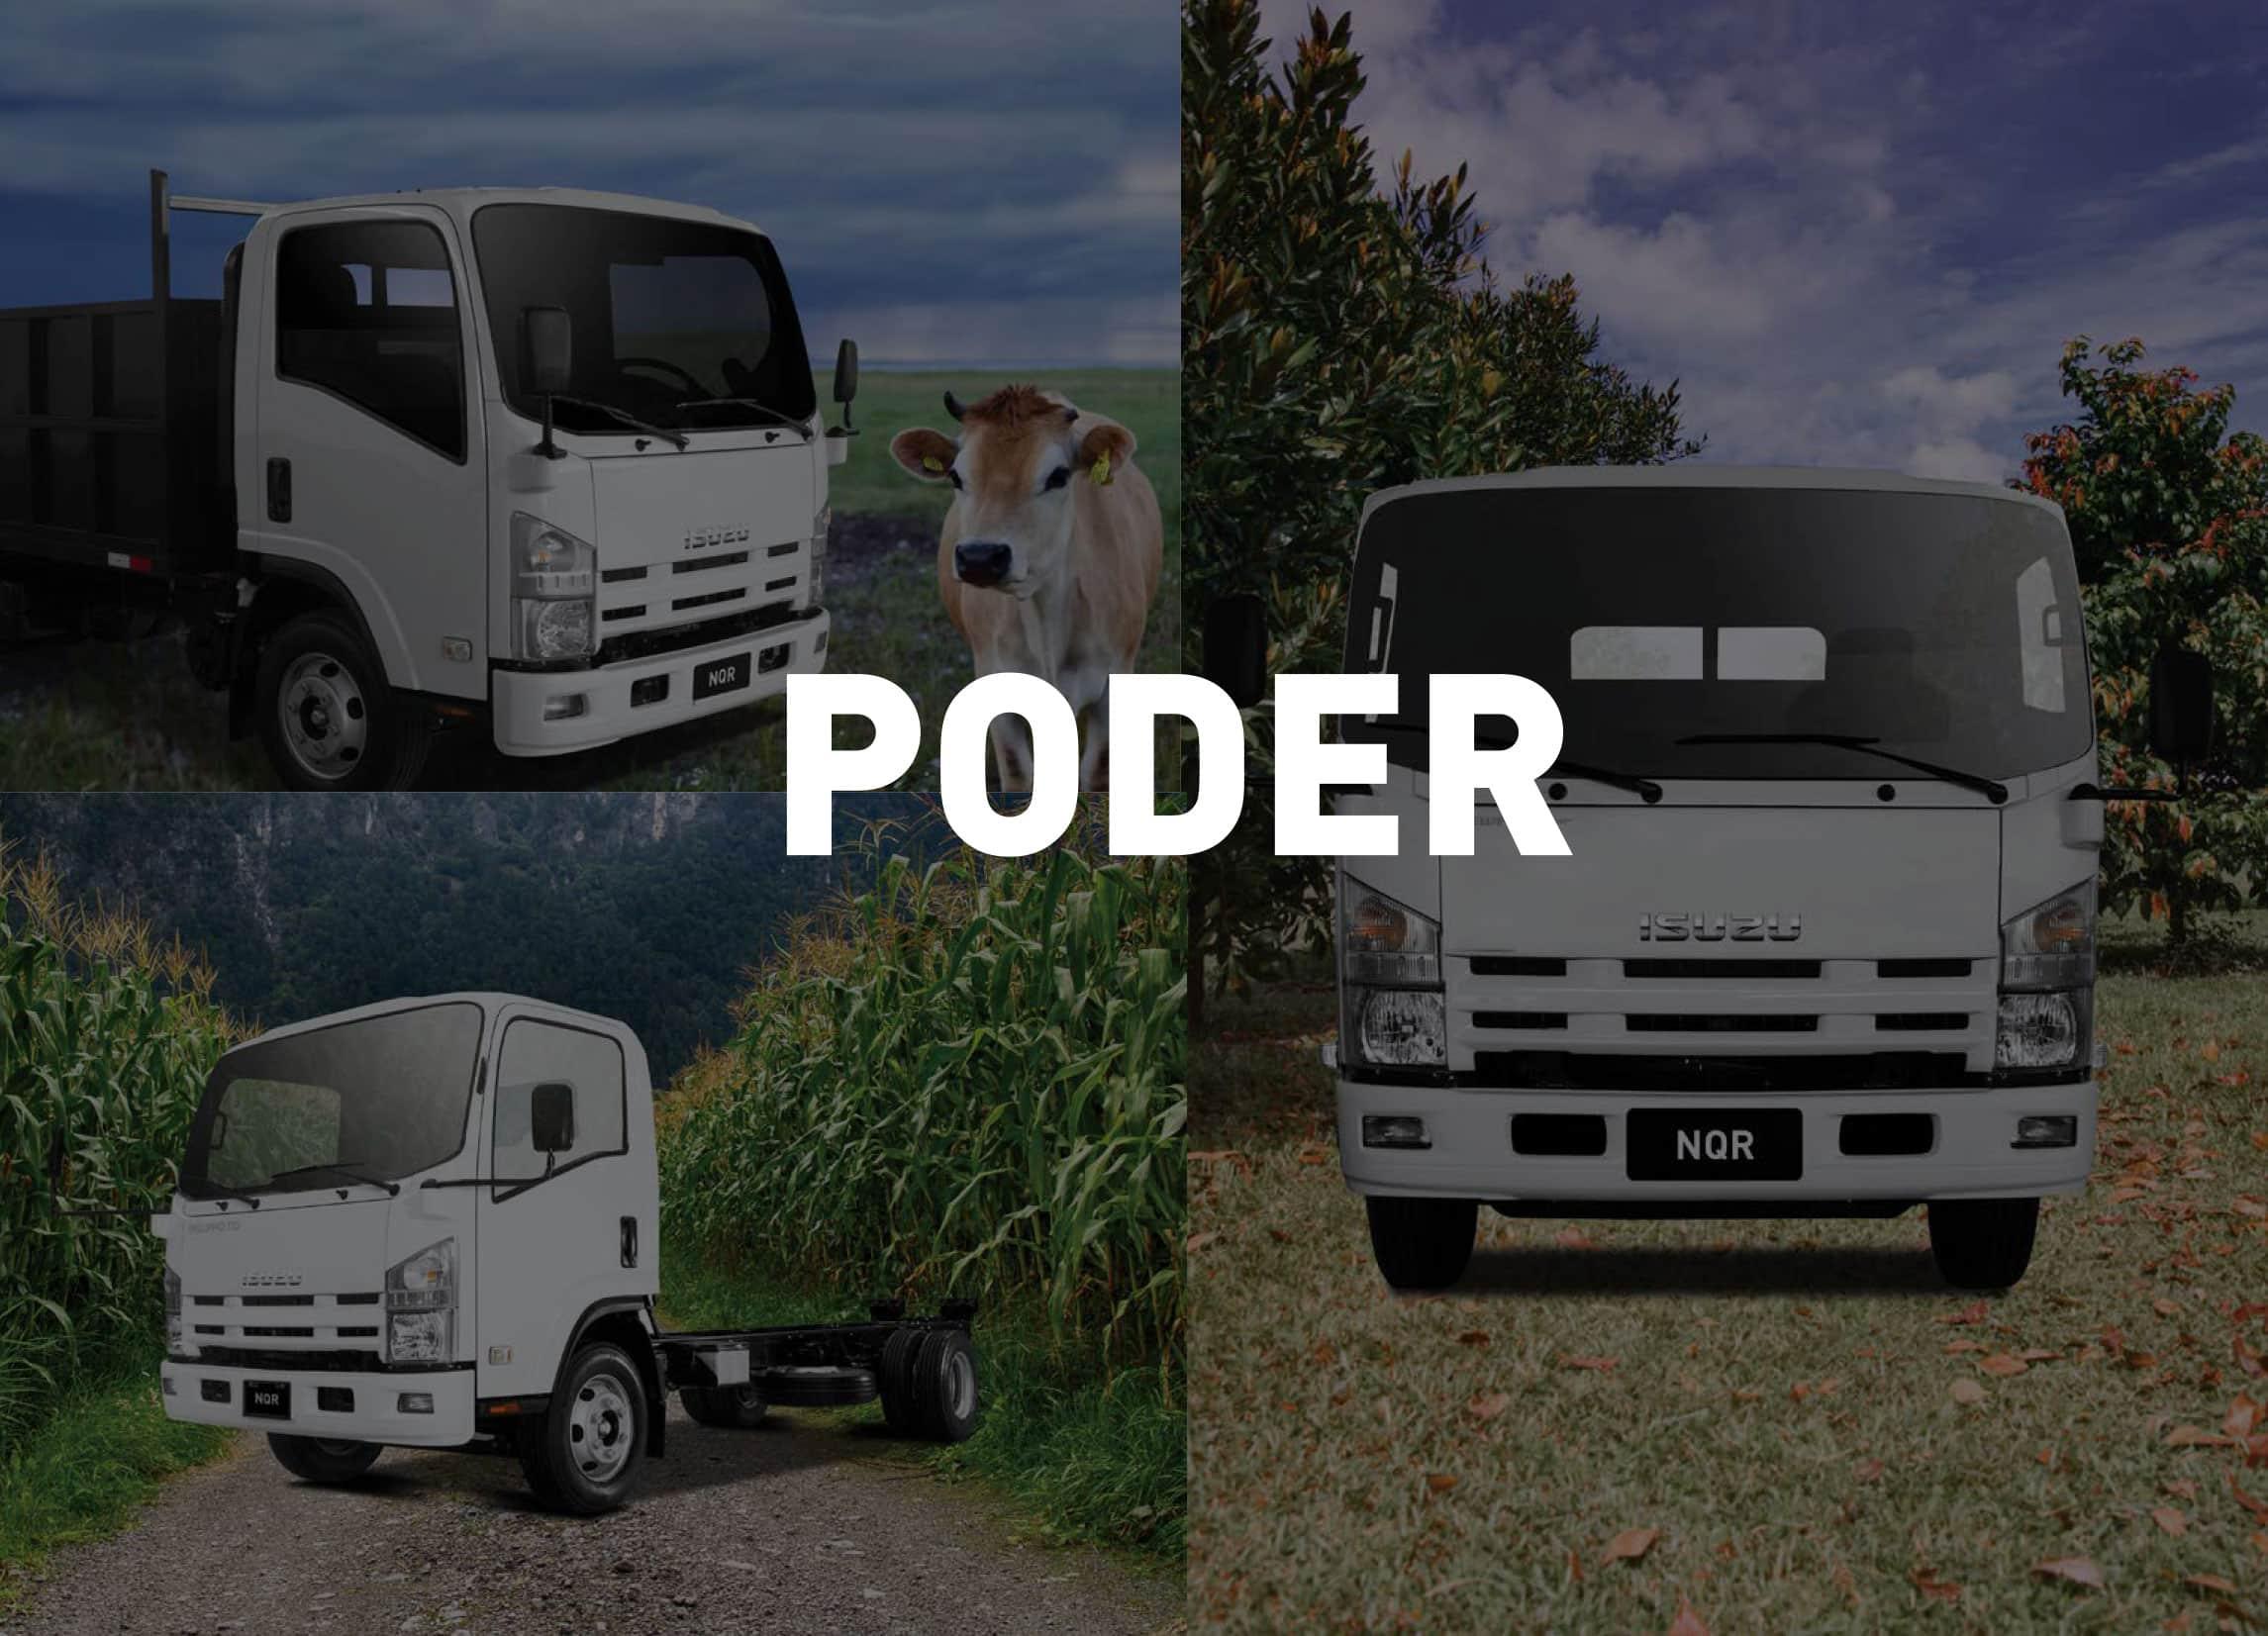 poder-camiones-isuzu-costarica